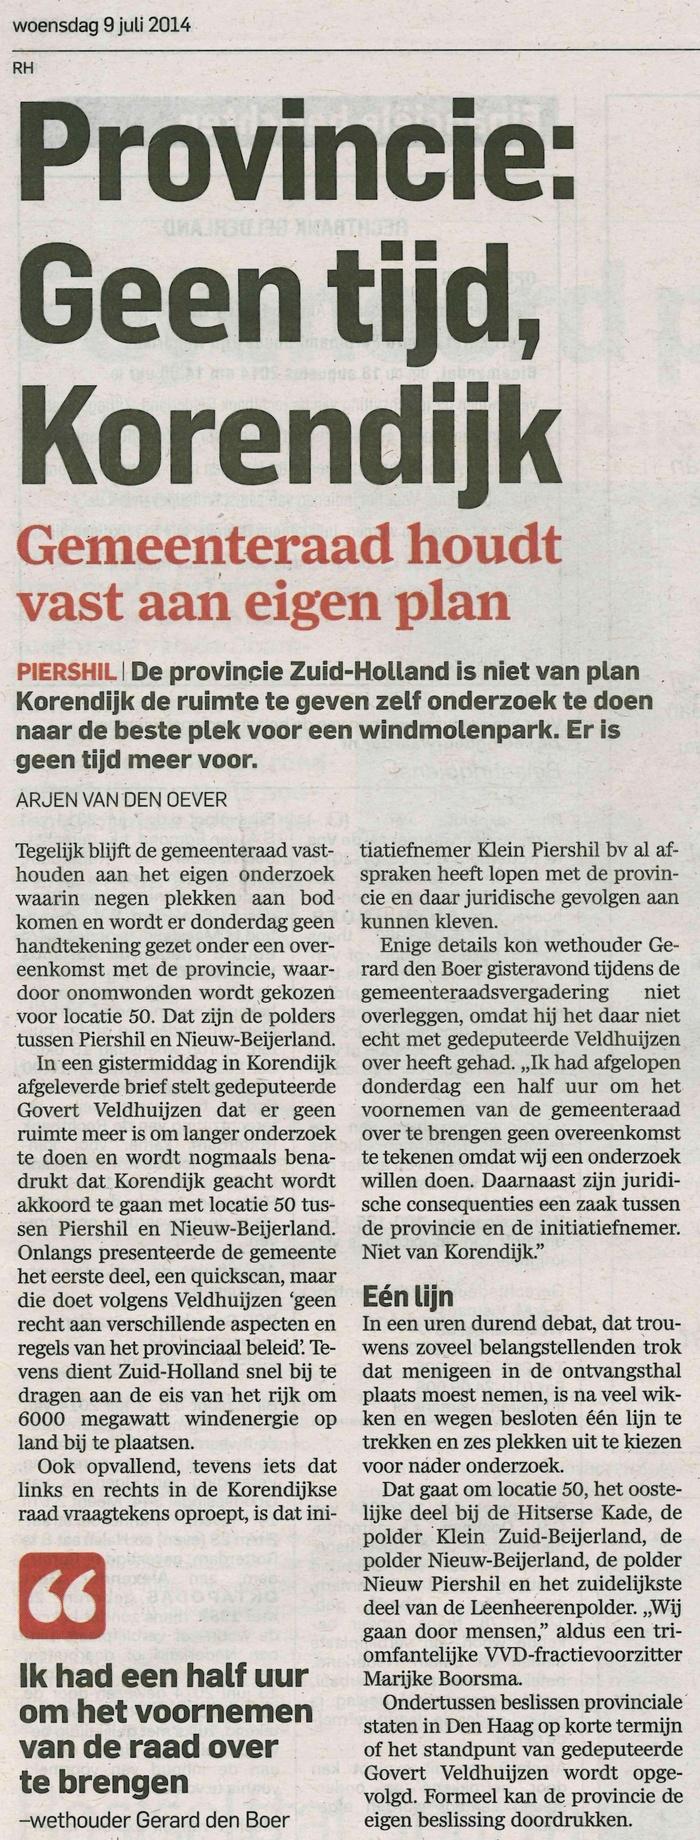 korendijk-windmolens-adrd-9juli2014